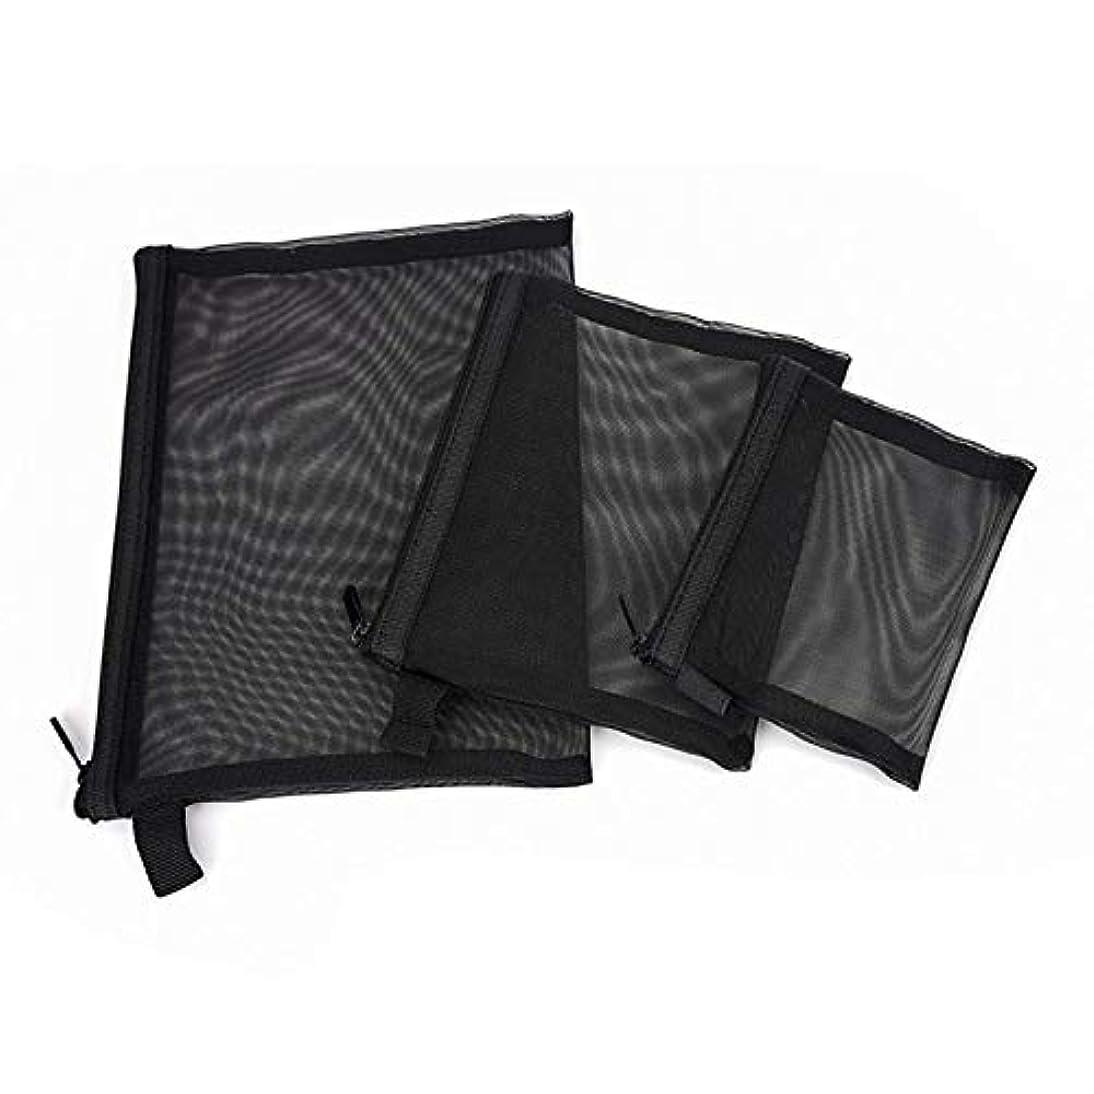 保存にもかかわらず観客RETYLY トラベルトイレタリーキットセット収納ポーチビューティーメイクアップコスメアクセサリーオーガナイザー3個組(S/M/L)ブラック